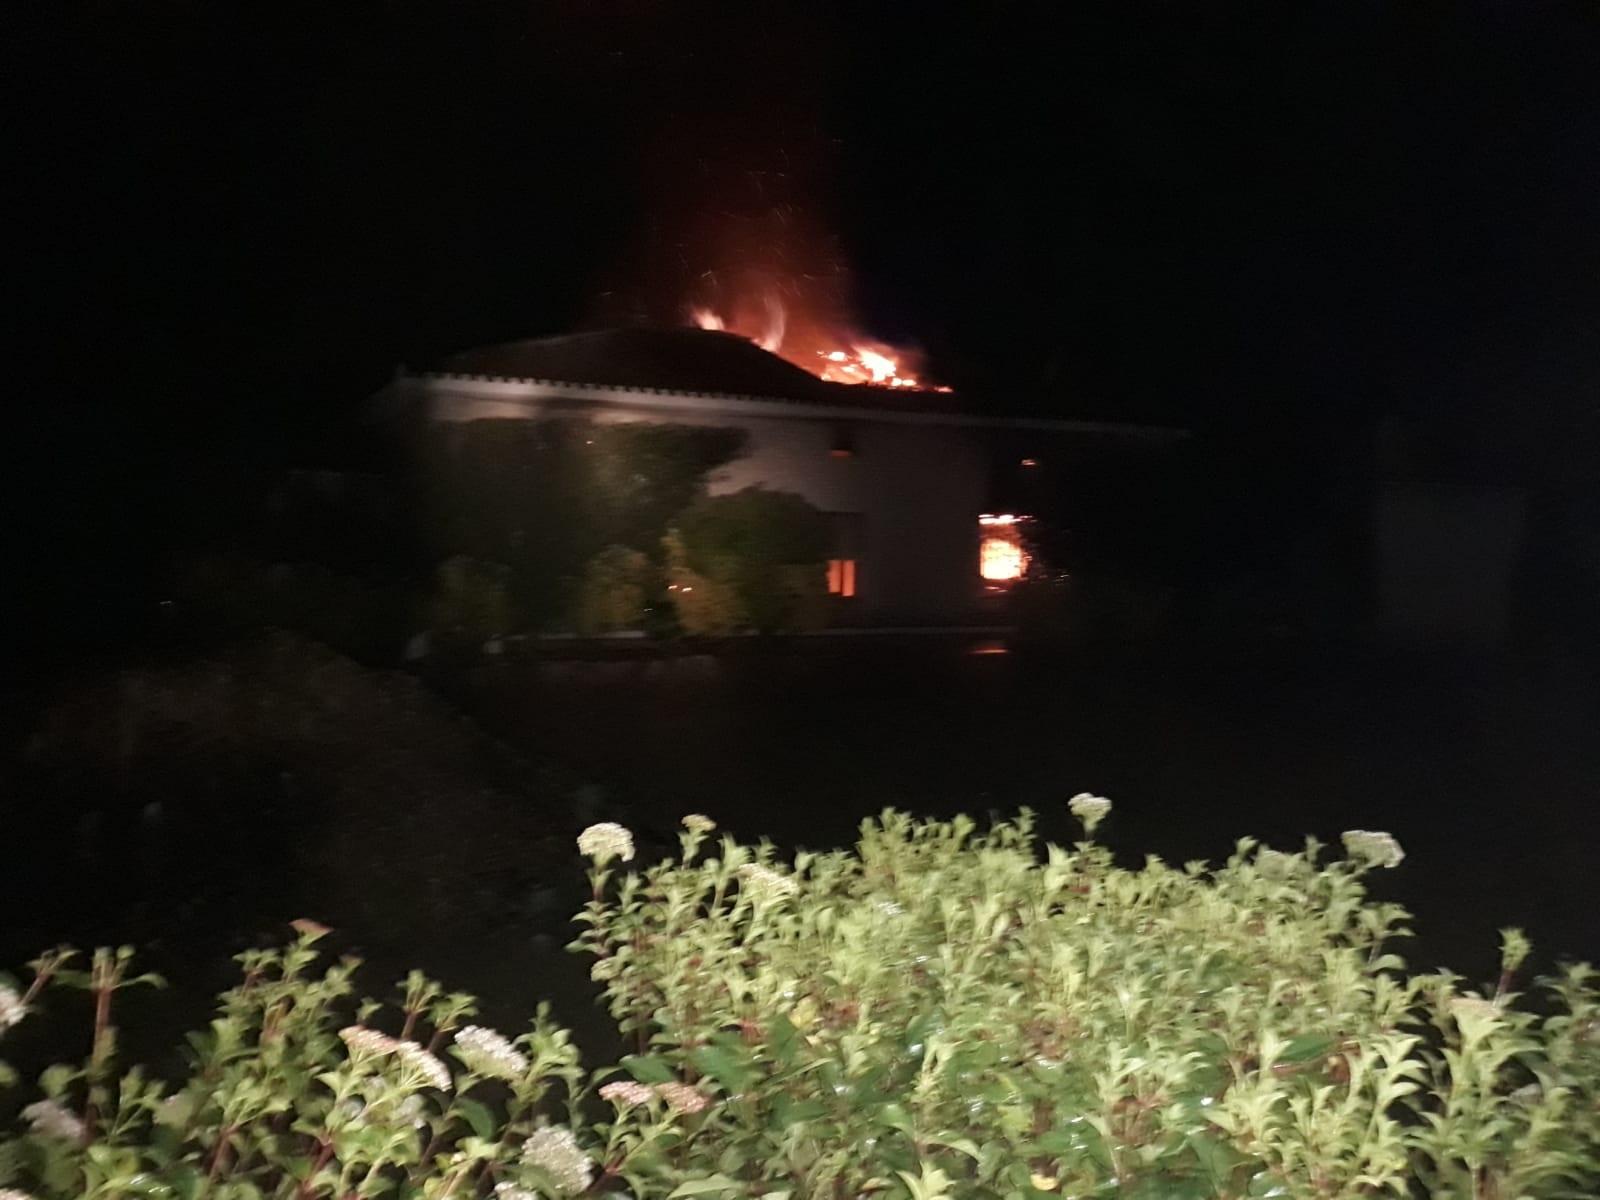 Un agent de la Policia Local salva la vida a un home en l'incendi d'una caseta El Periòdic d'Ontinyent